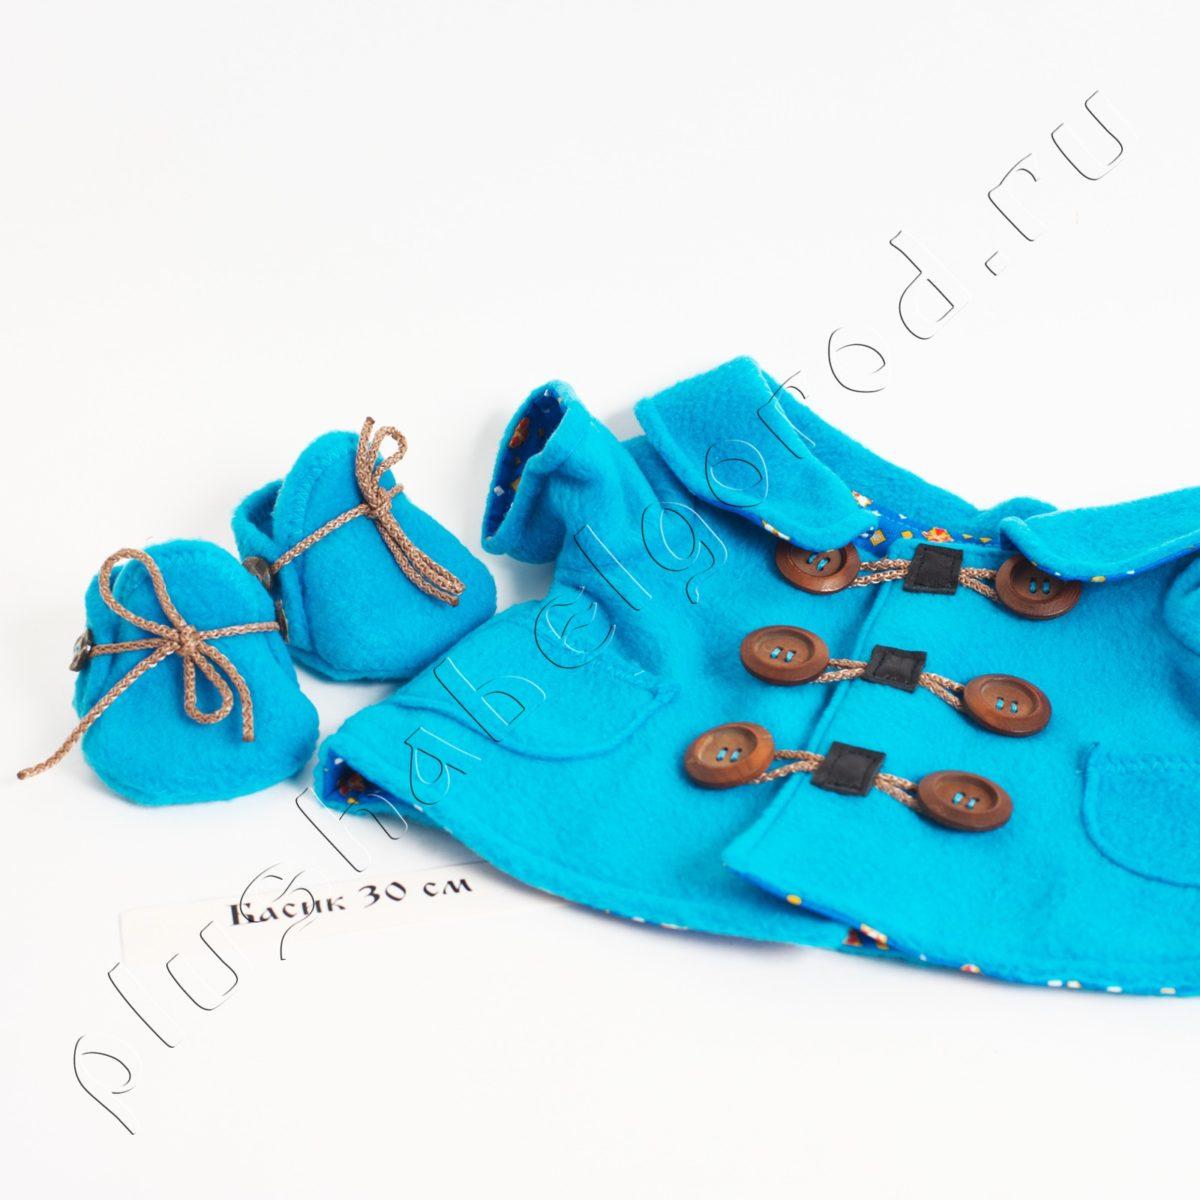 Пальто Голубое очень красивое и Обувь со шнурками